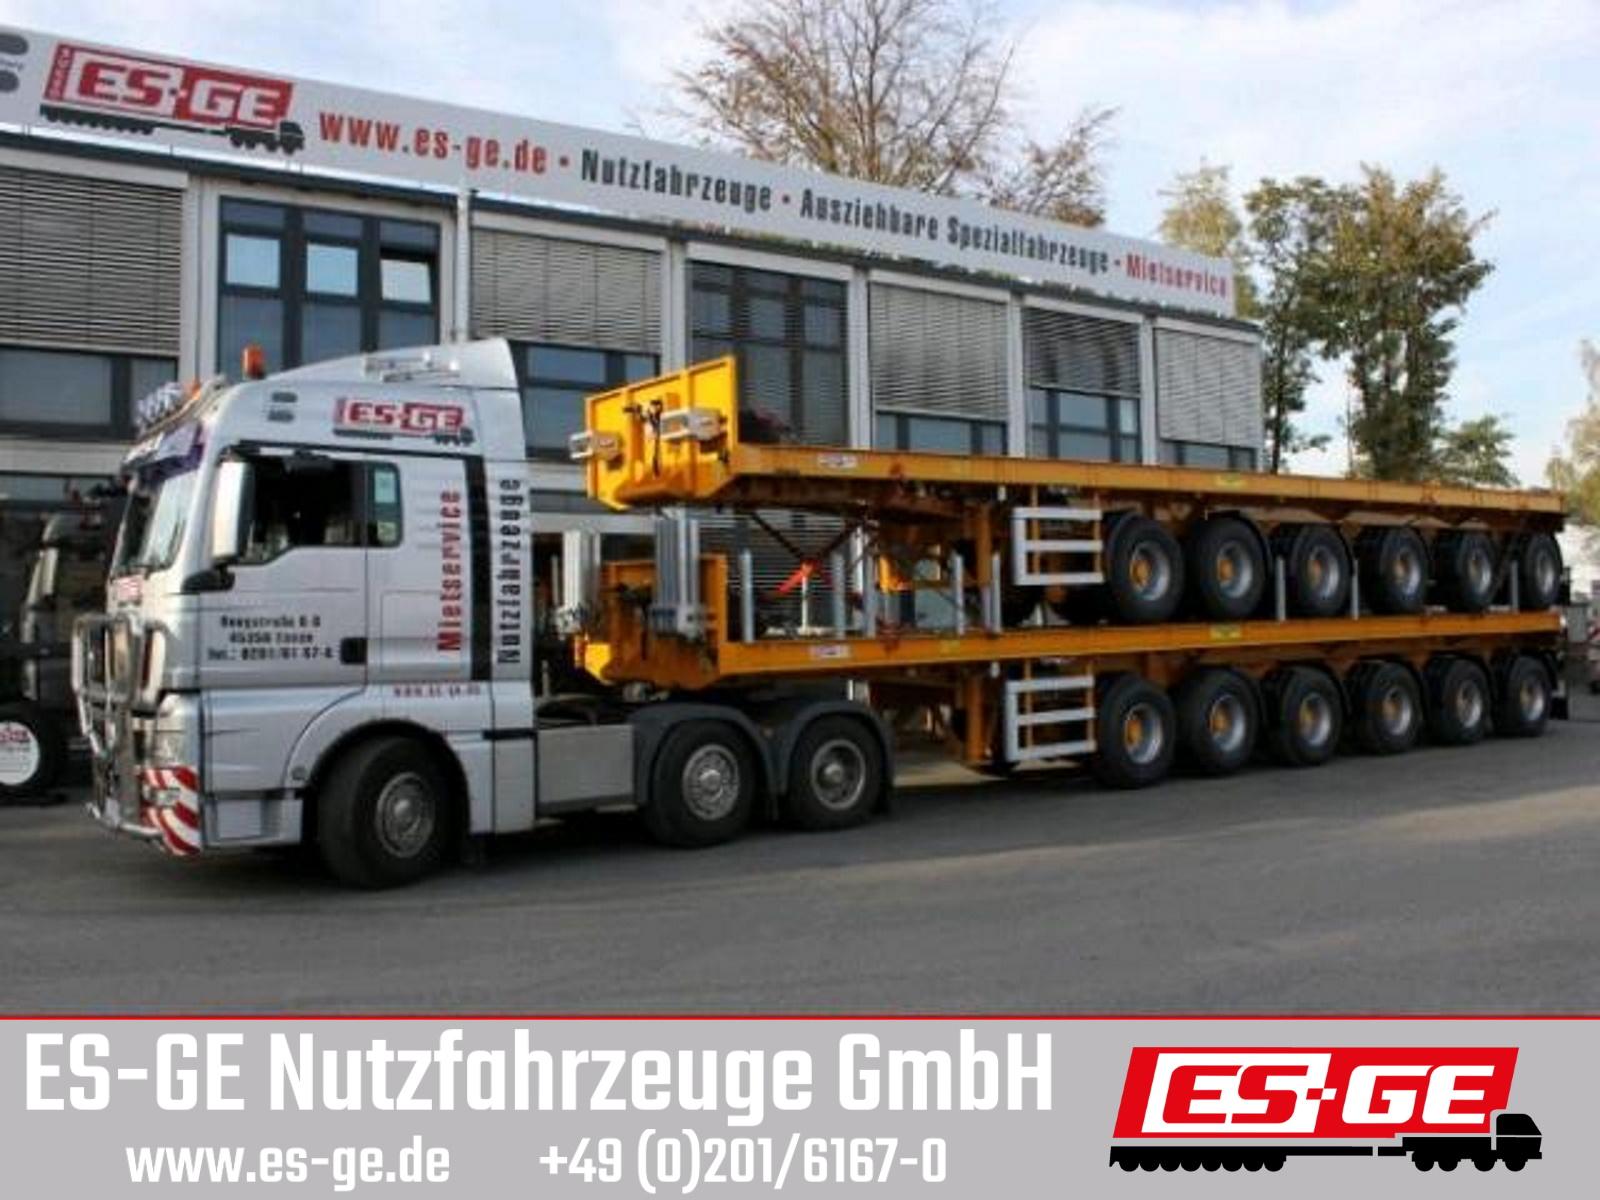 ES-GE 6-Achs-Ballastauflieger